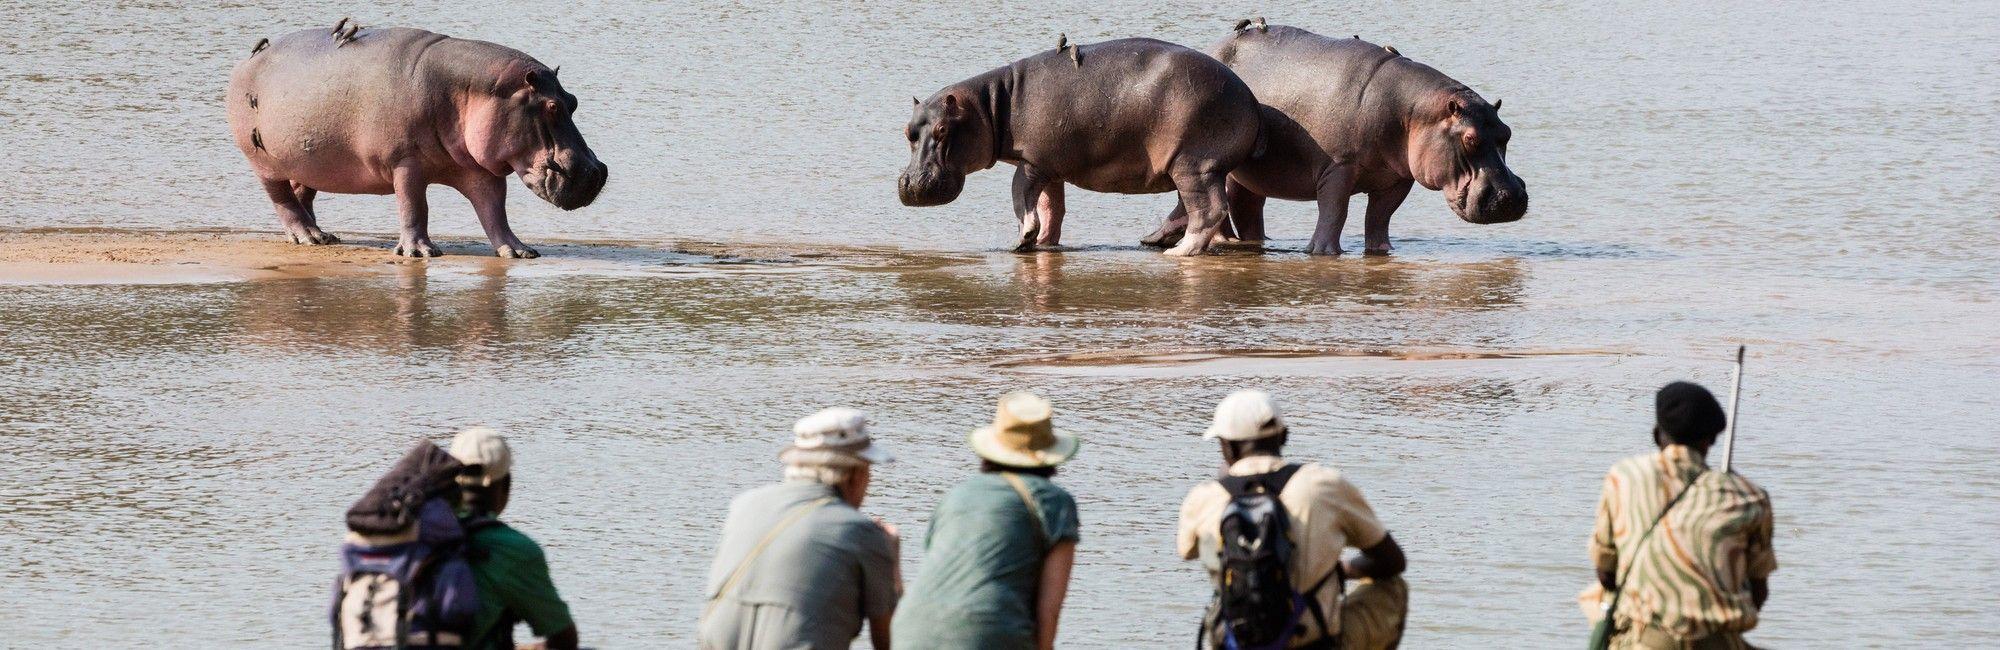 Zambia wandelsafari